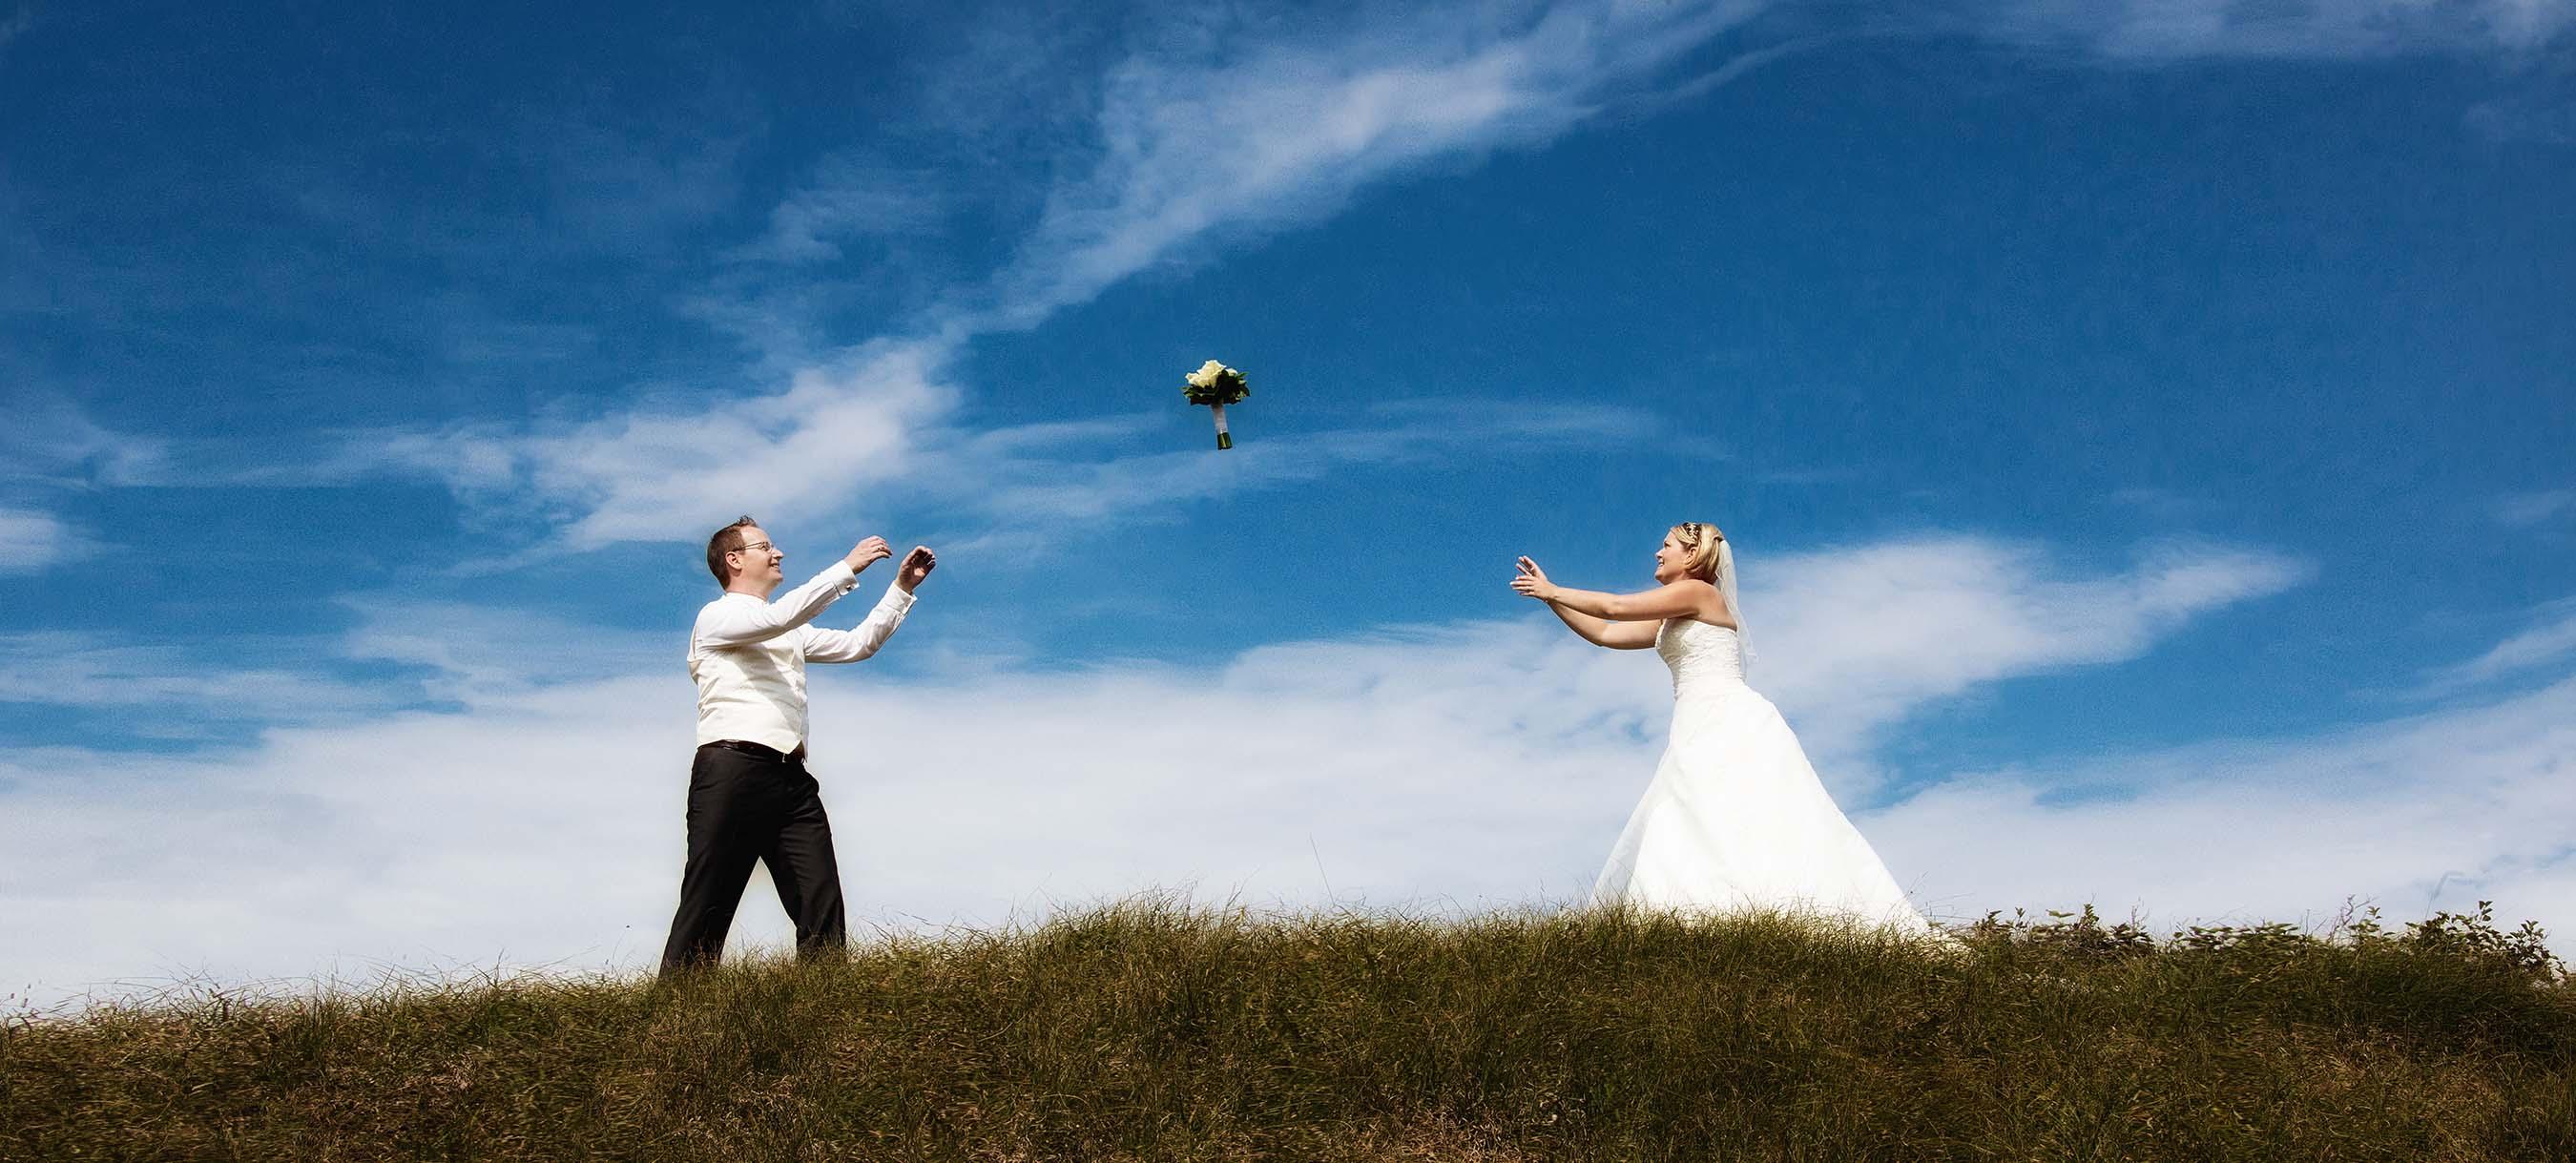 459 Hochzeitsfotograf Michael Stange Baltrum Osnabrueck